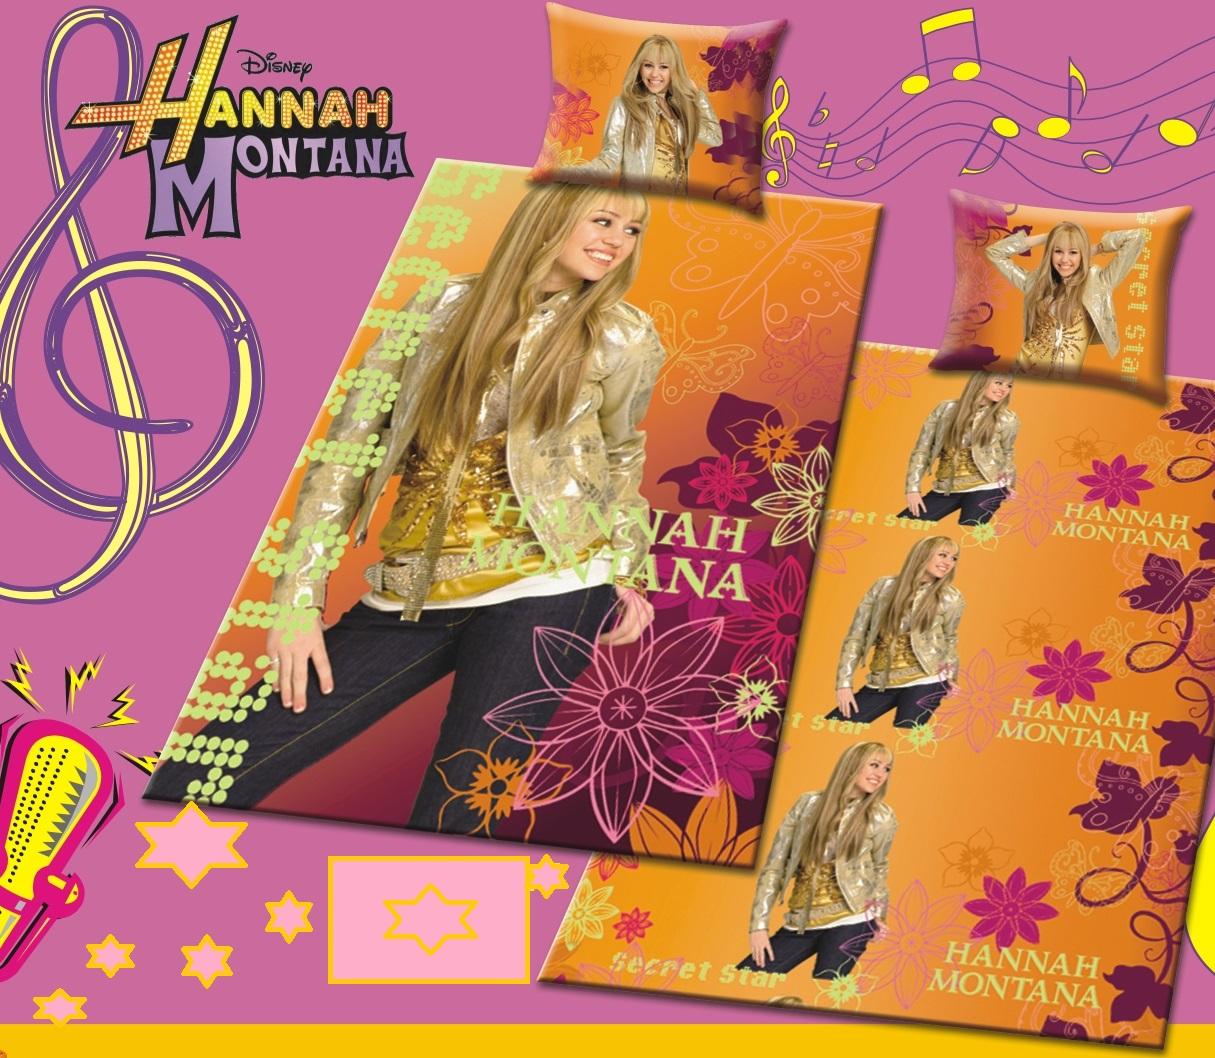 Σετ 3 Τεμαχίων Σεντόνια Παιδικά Hannah Montana - ZBRITTA - 9-Κ.18 λευκα ειδη παιδί σεντόνια παιδικά